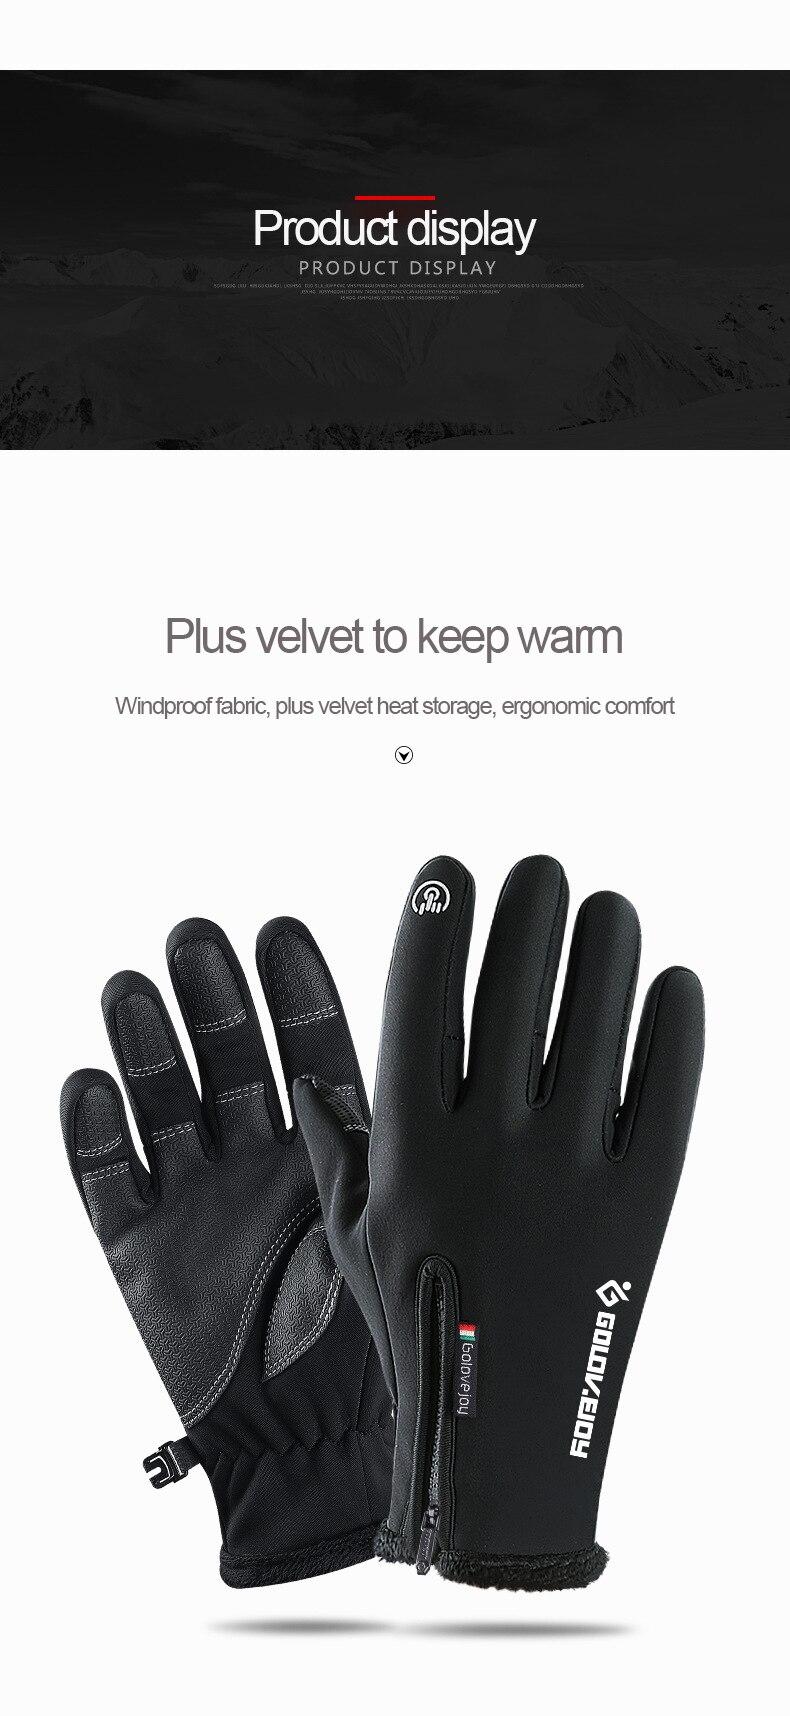 Перчатки из искусственной кожи с сенсорным экраном, мотоциклетные перчатки для сгибания пальцев, защитное оборудование, Зимние перчатки для велоспорта, мотоцикла, лыжного альпинизма